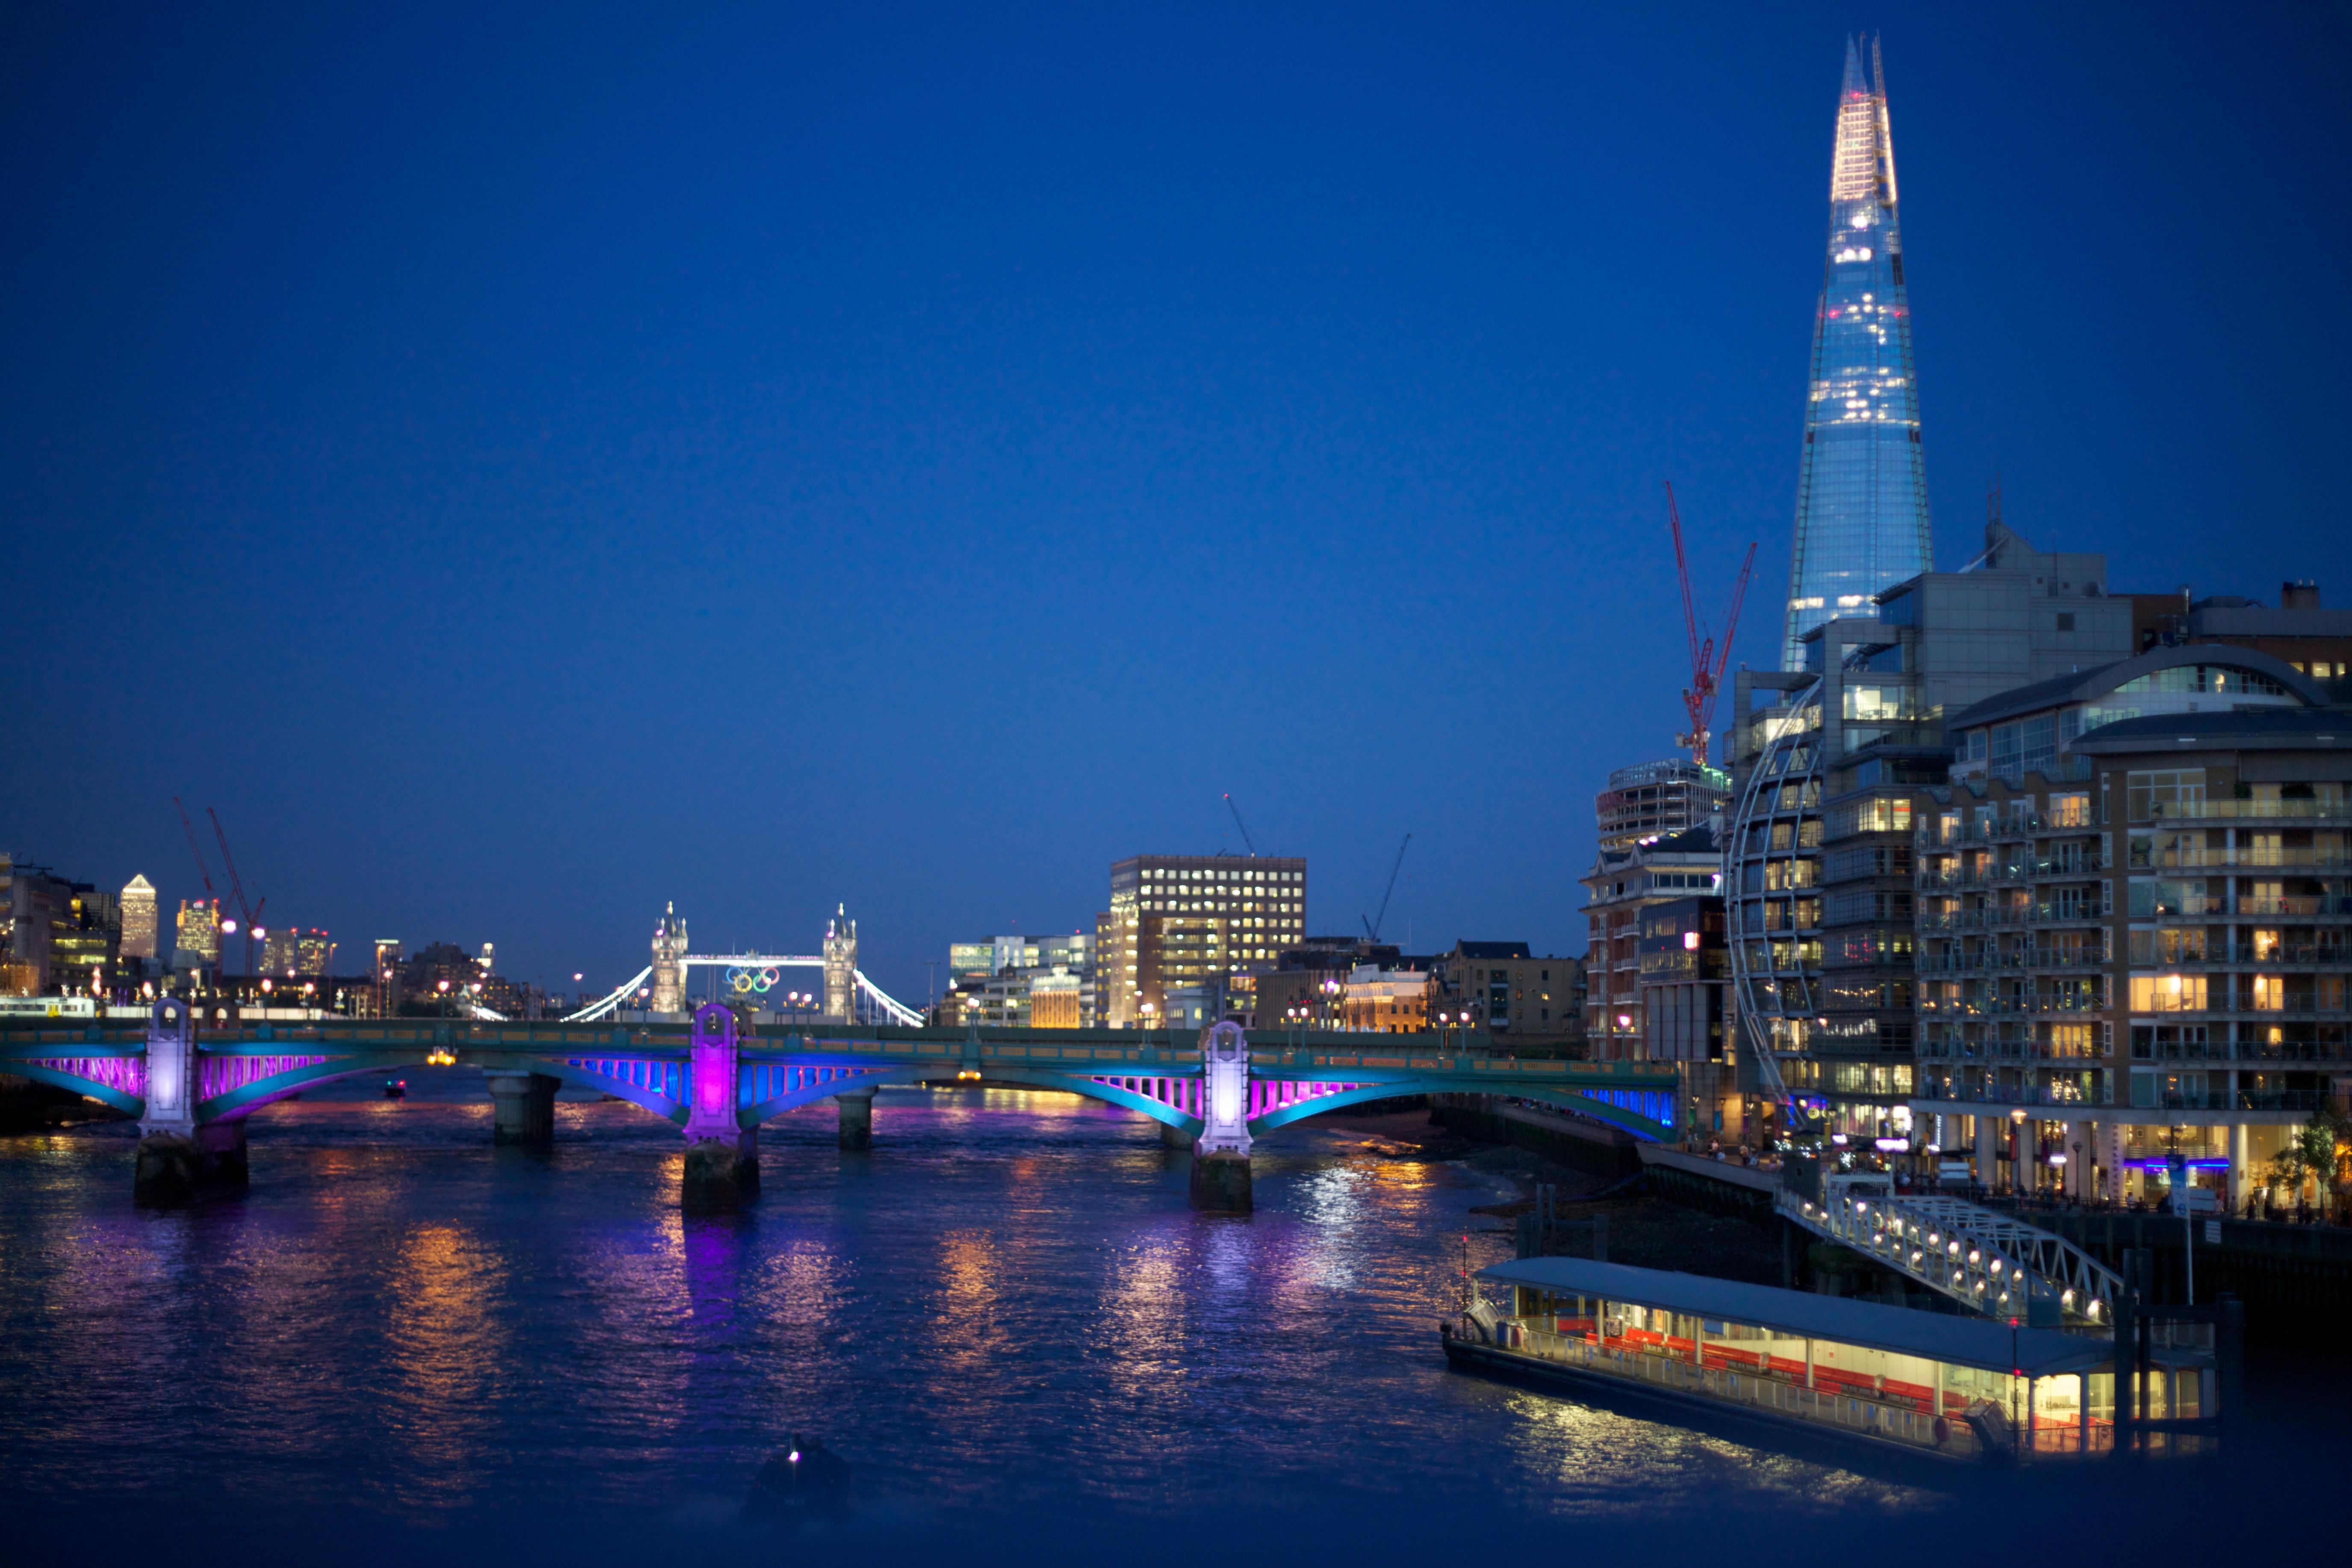 London_1.jpg?1550003591